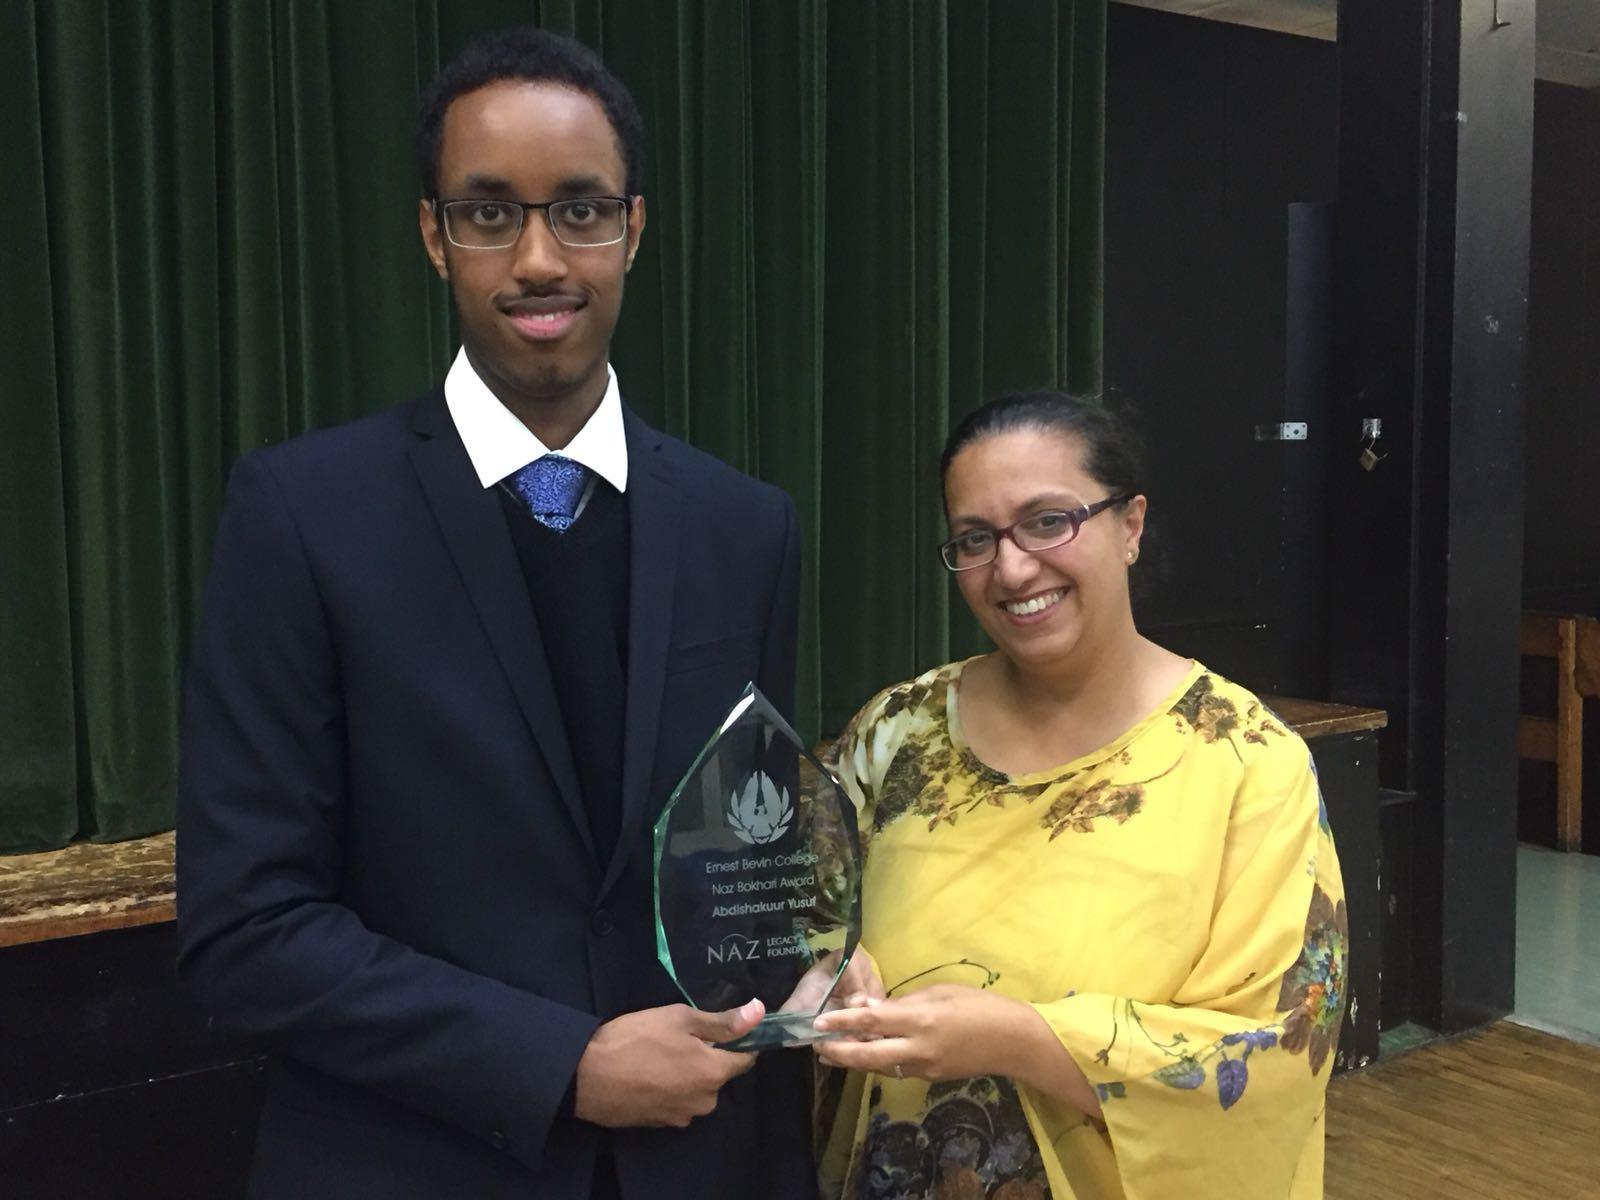 Naz Bokhari Award 2018 winner announced